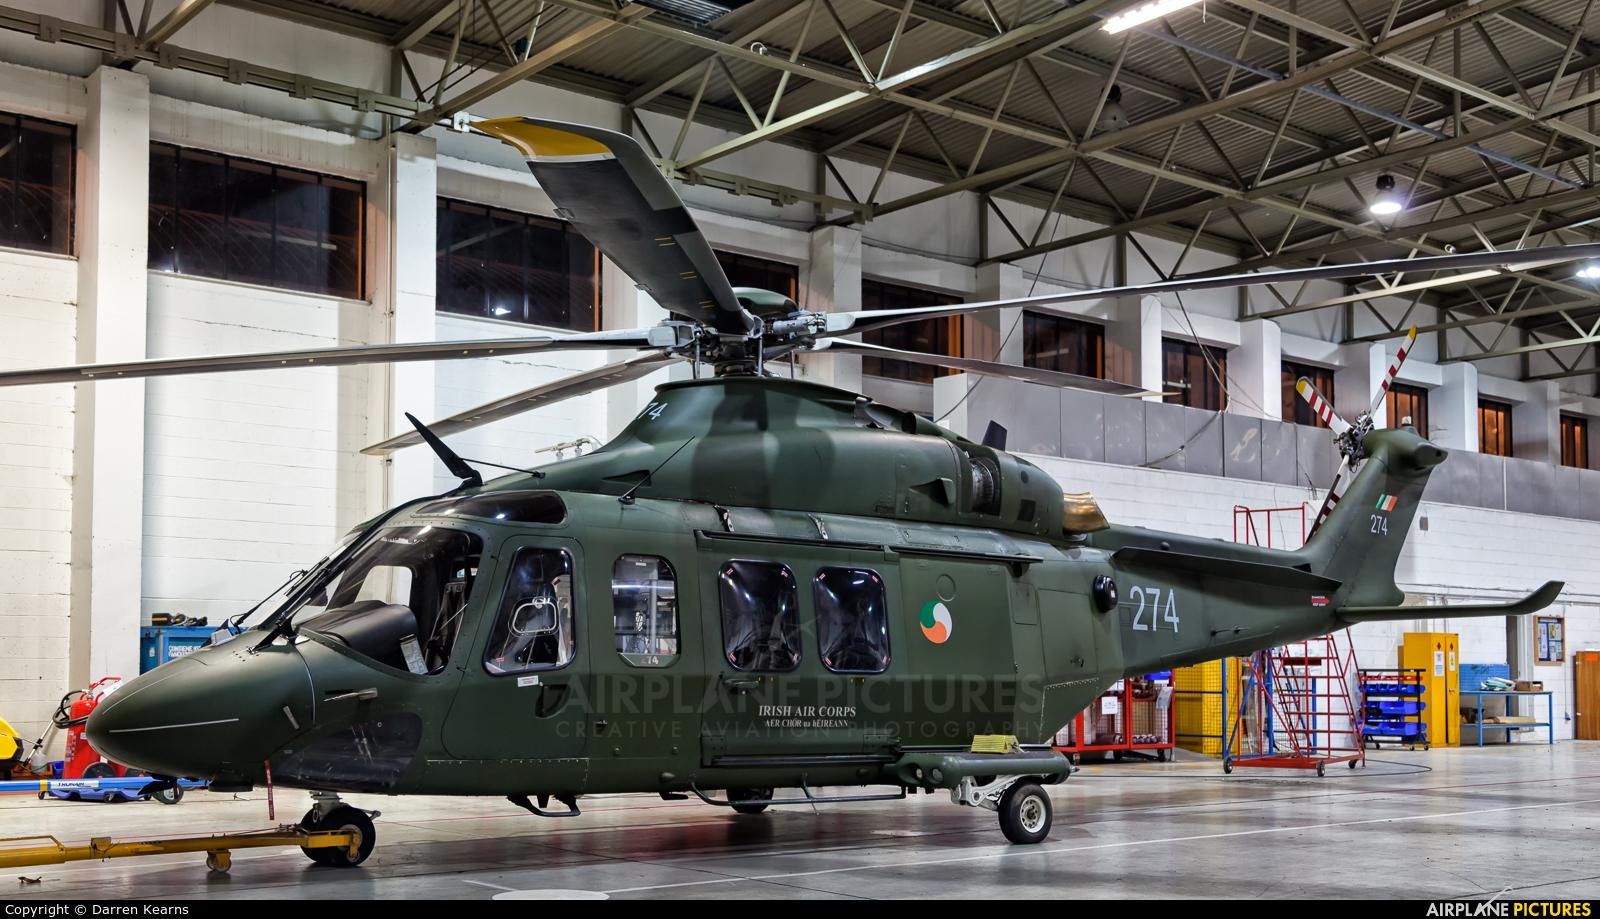 Ireland - Air Corps 274 aircraft at Casement / Baldonnel